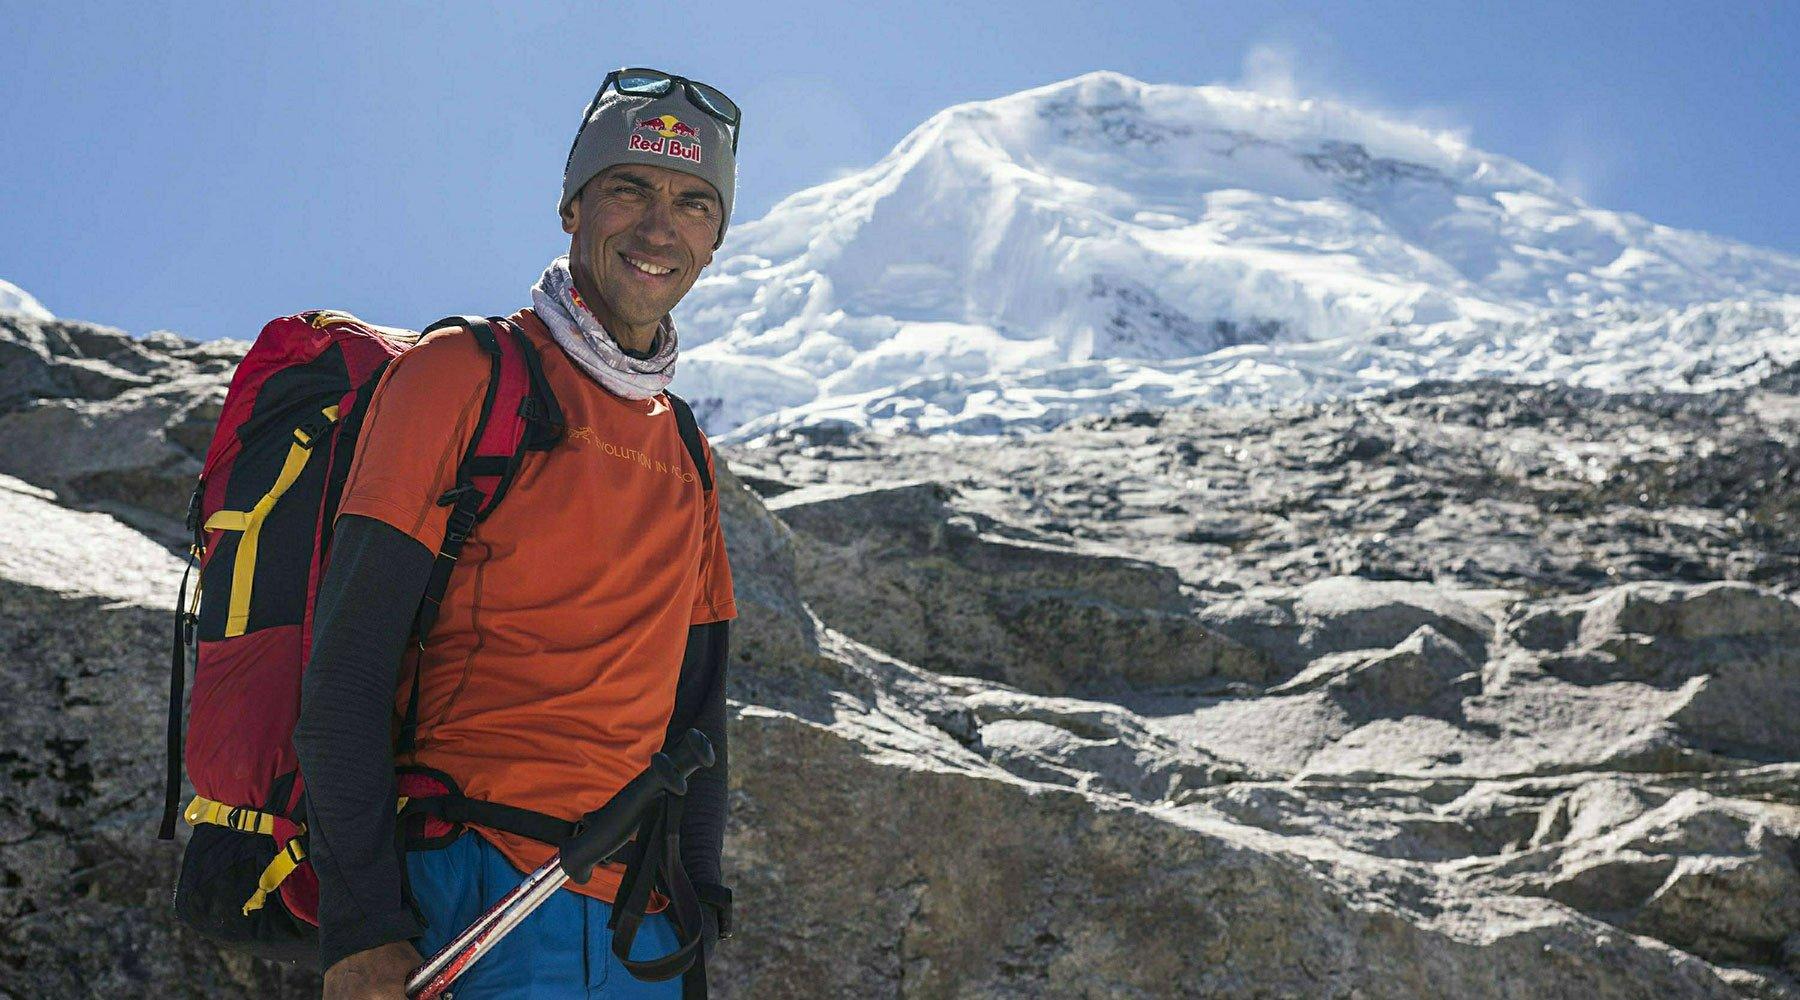 дорогие модели фото мужчины альпиниста месте